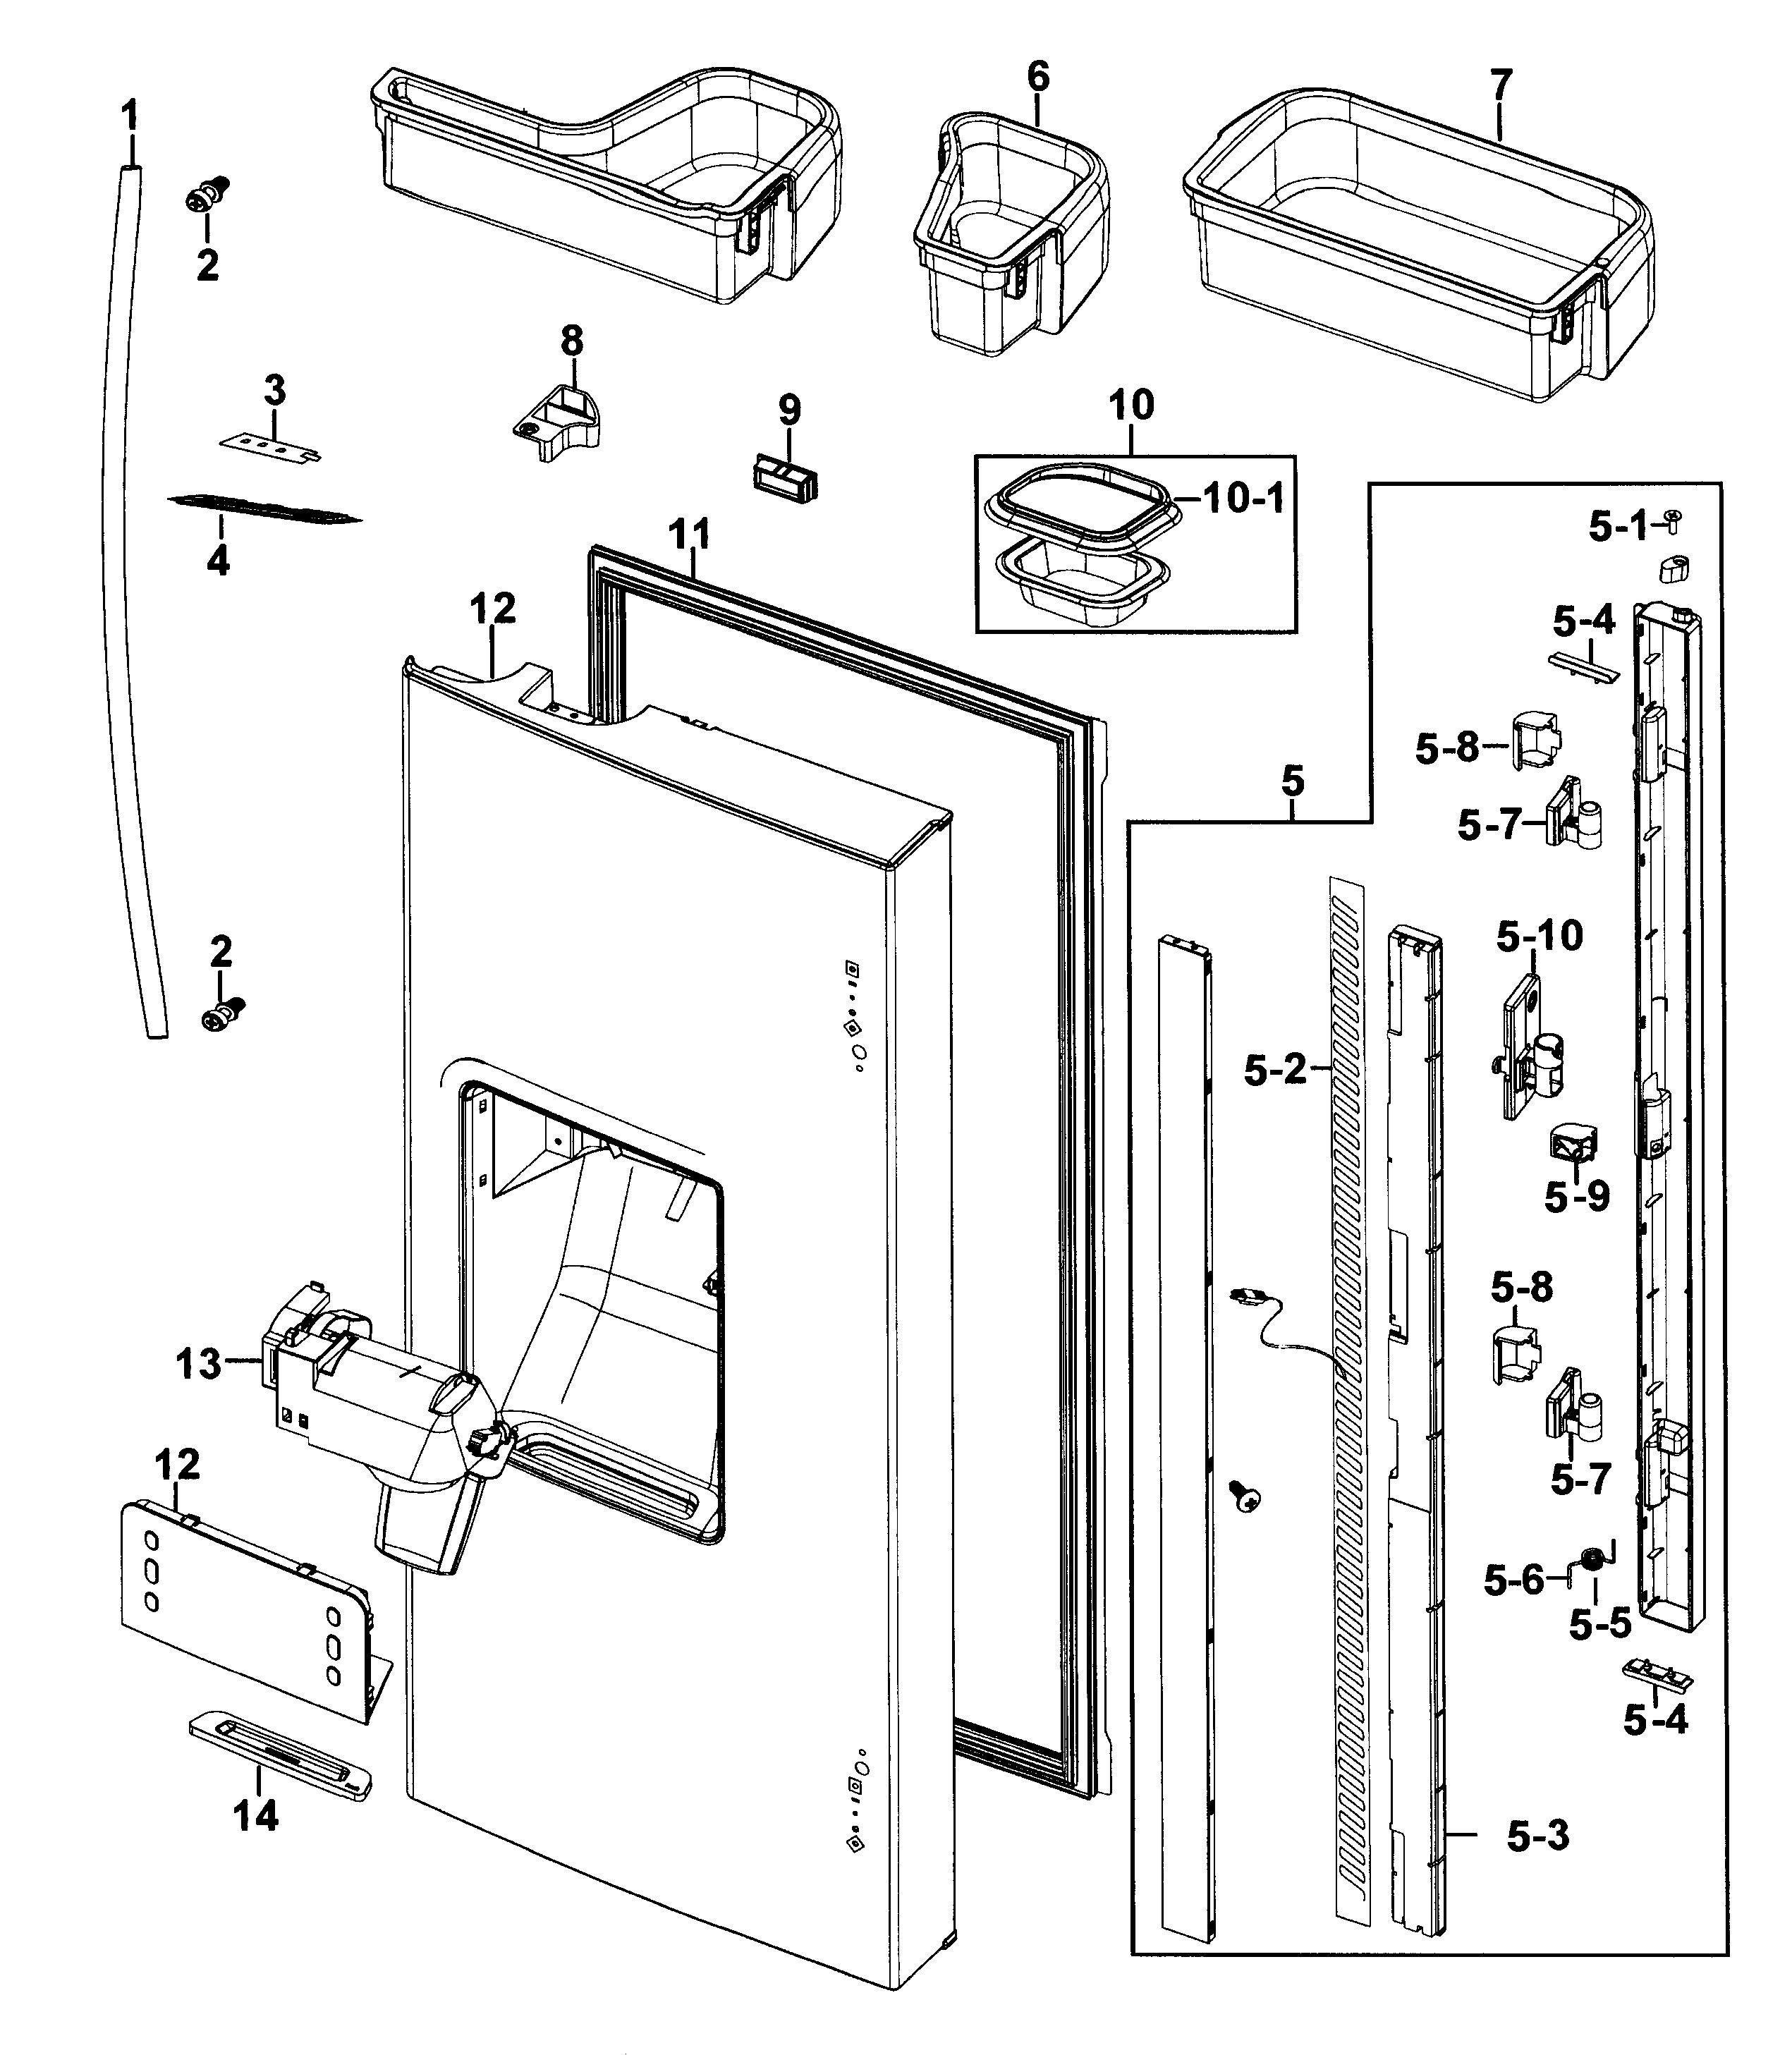 Nz 9005 Bpl Double Door Refrigerator Wiring Diagram Download